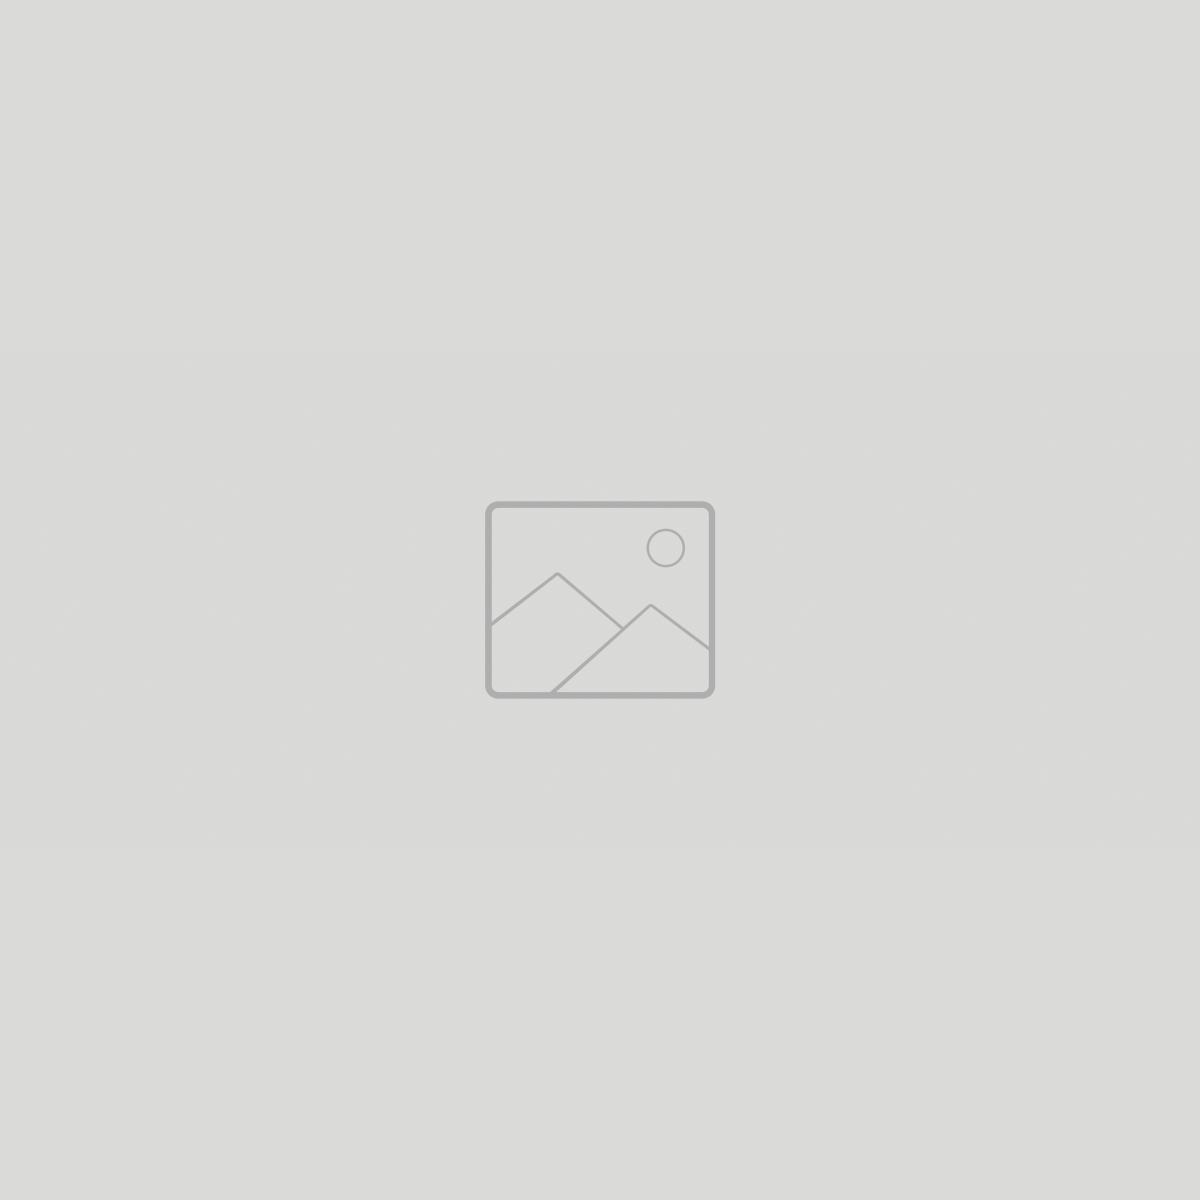 شاشة سامسونج كلاكسي J5 Prime G570 ذهبي جودة ريفيزا